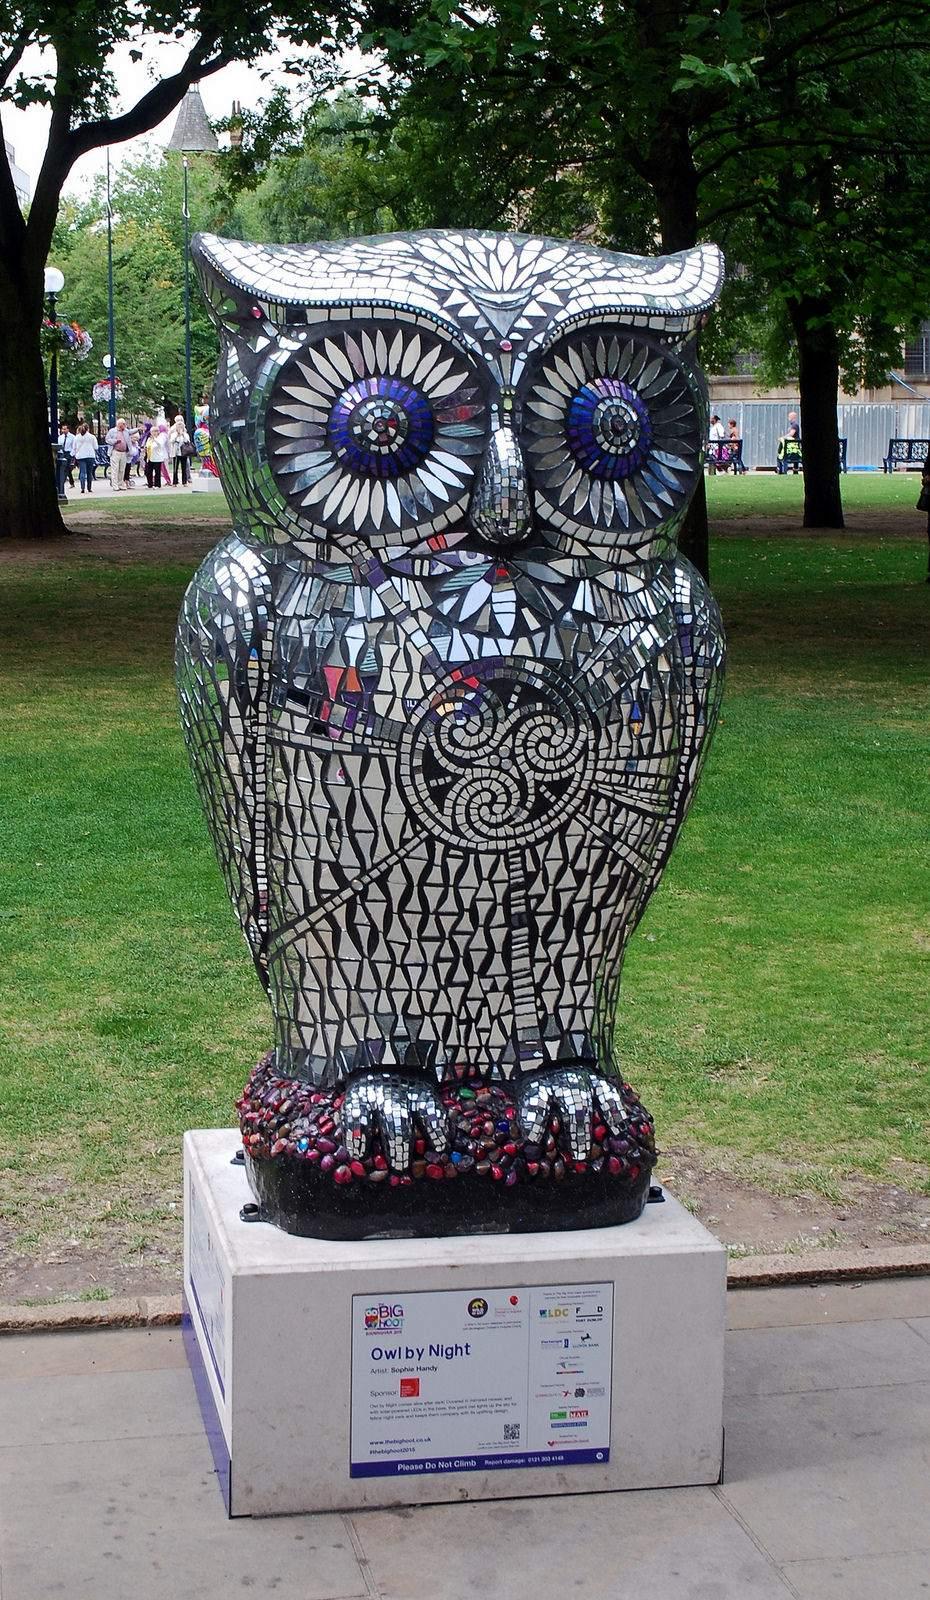 big hoot9 The 2015 Big Hoot Owls in Birmingham